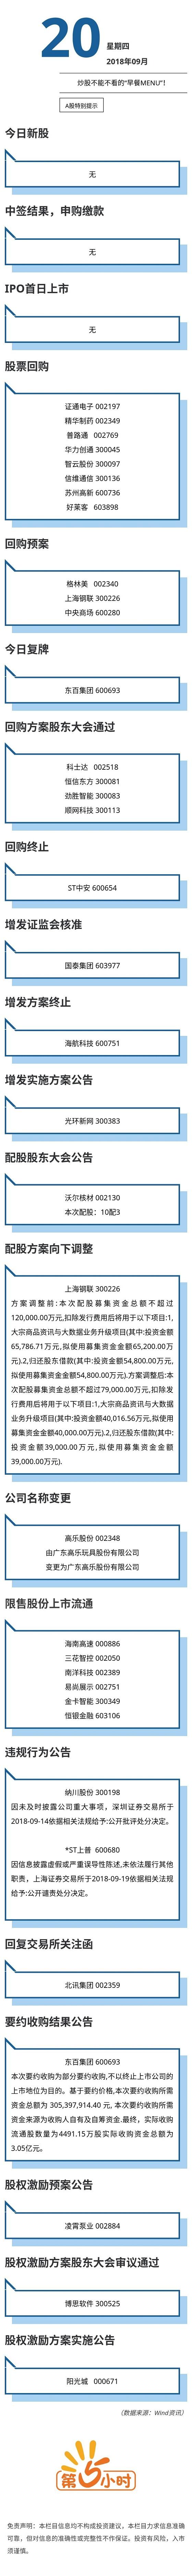 A股特别提示(2018-09-20).jpg